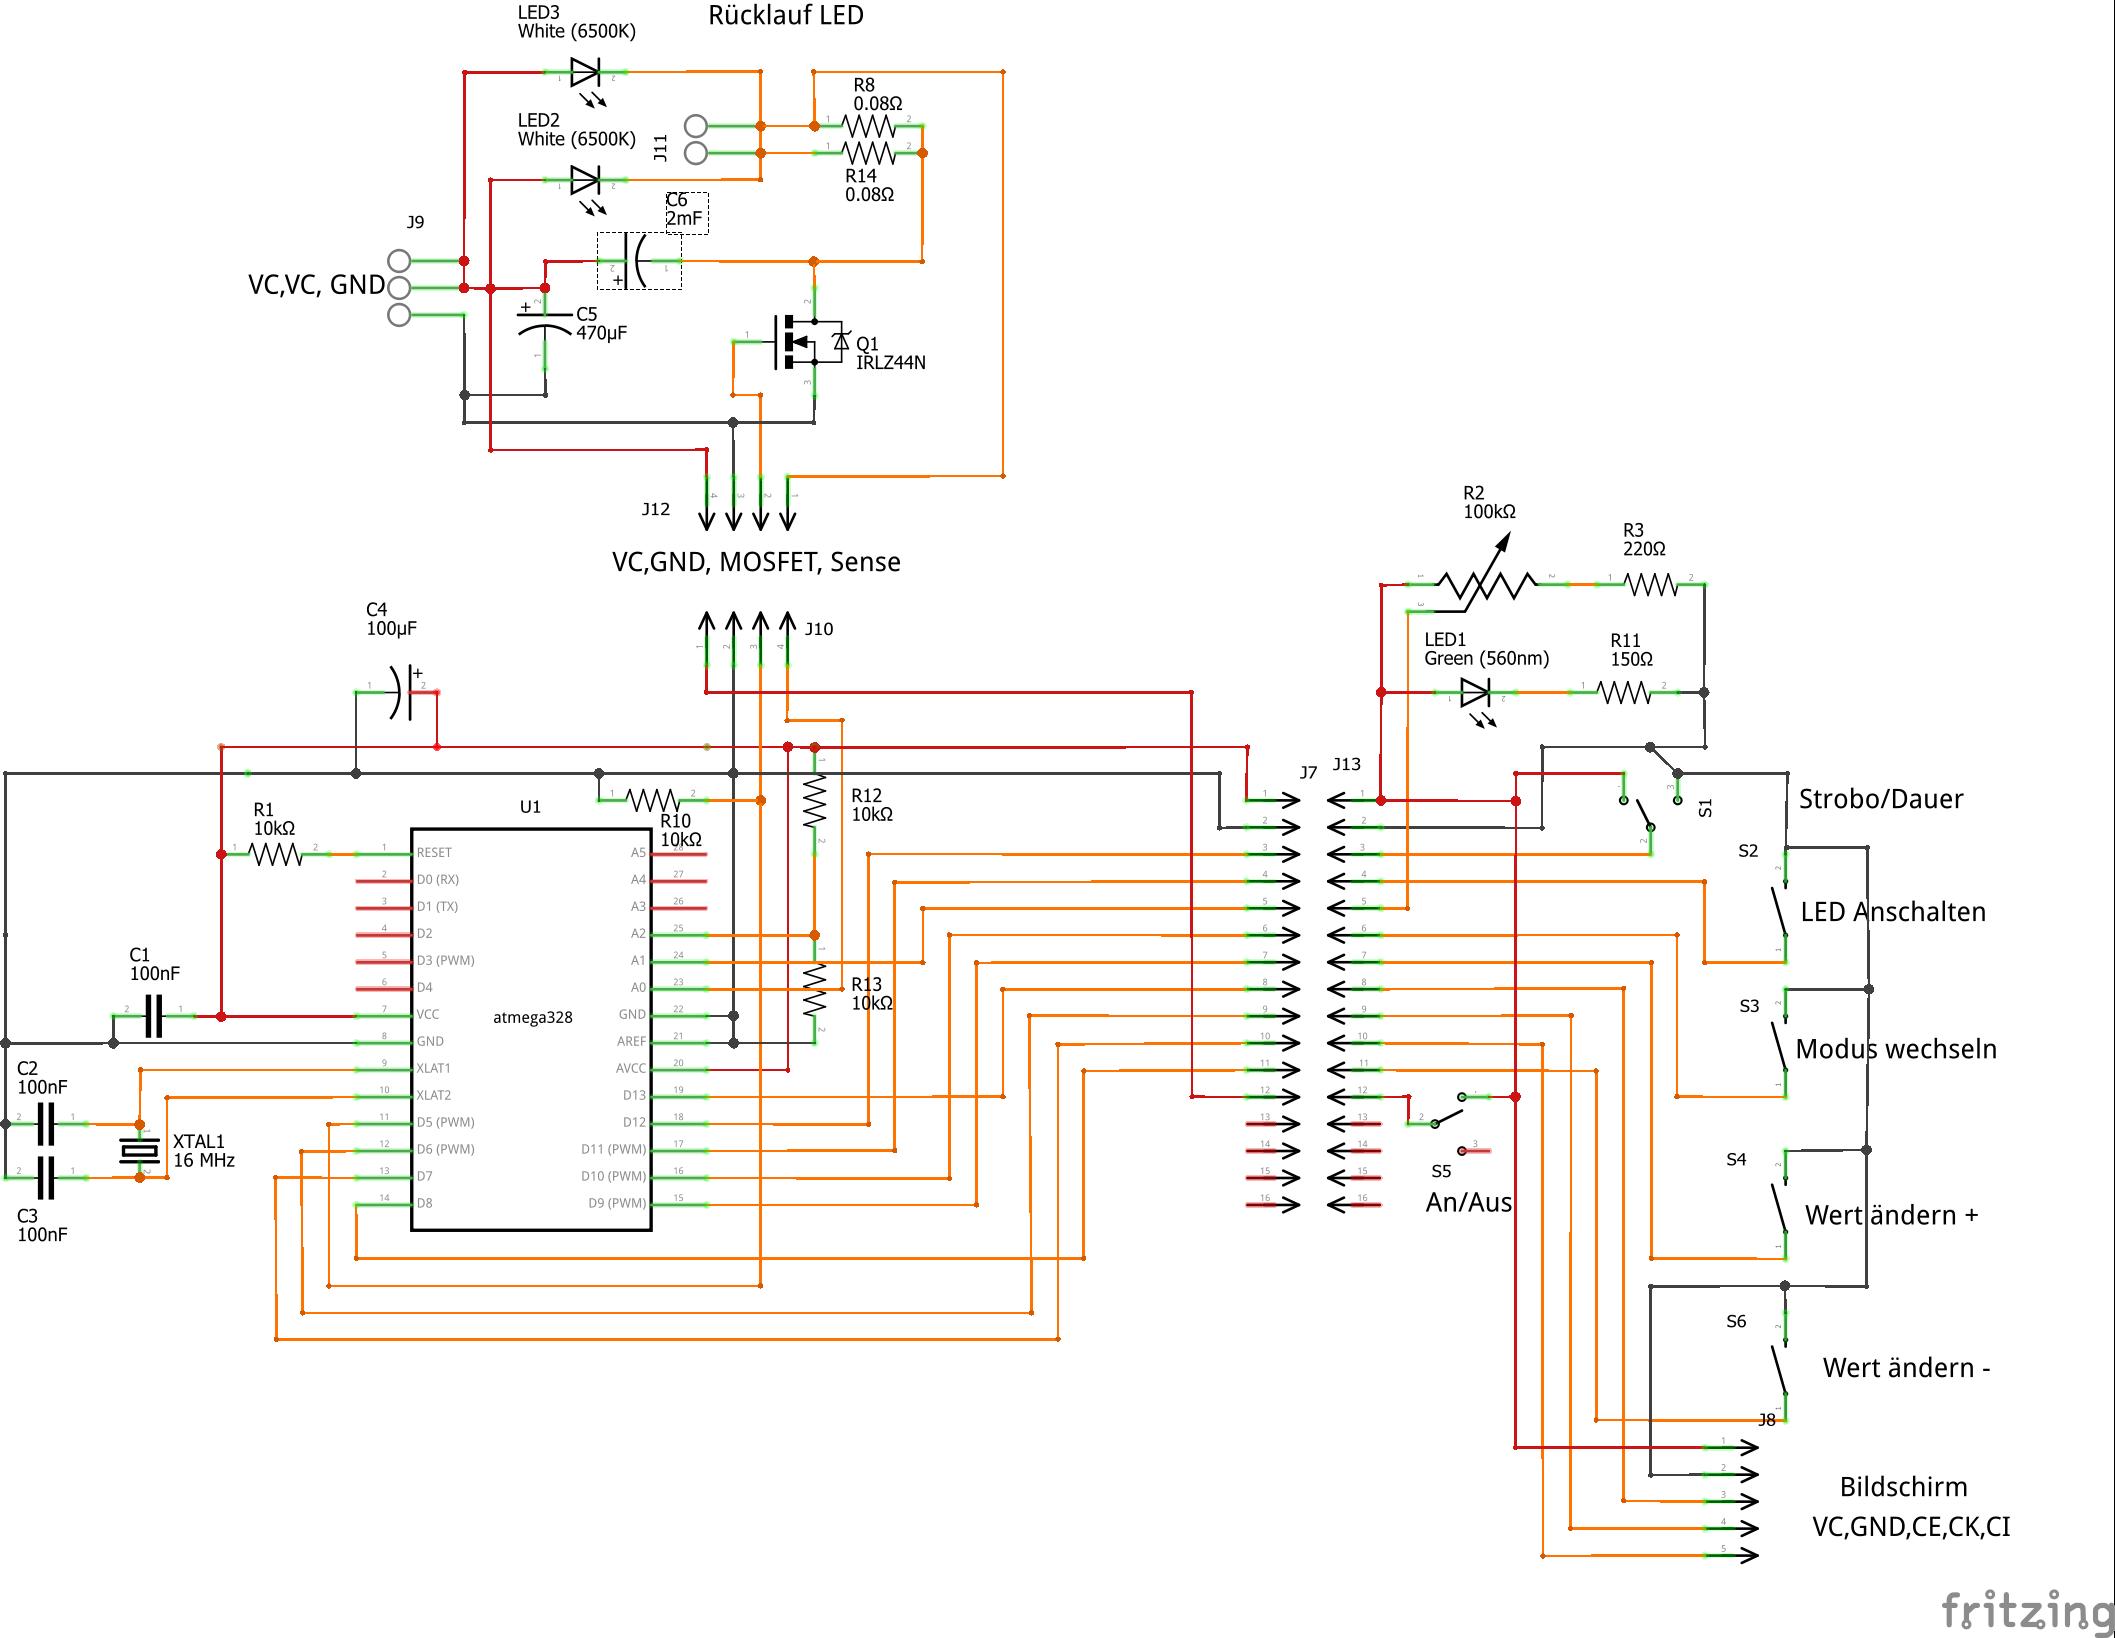 Ungewöhnlich Uhr 1500 Schaltplan Fotos - Die Besten Elektrischen ...